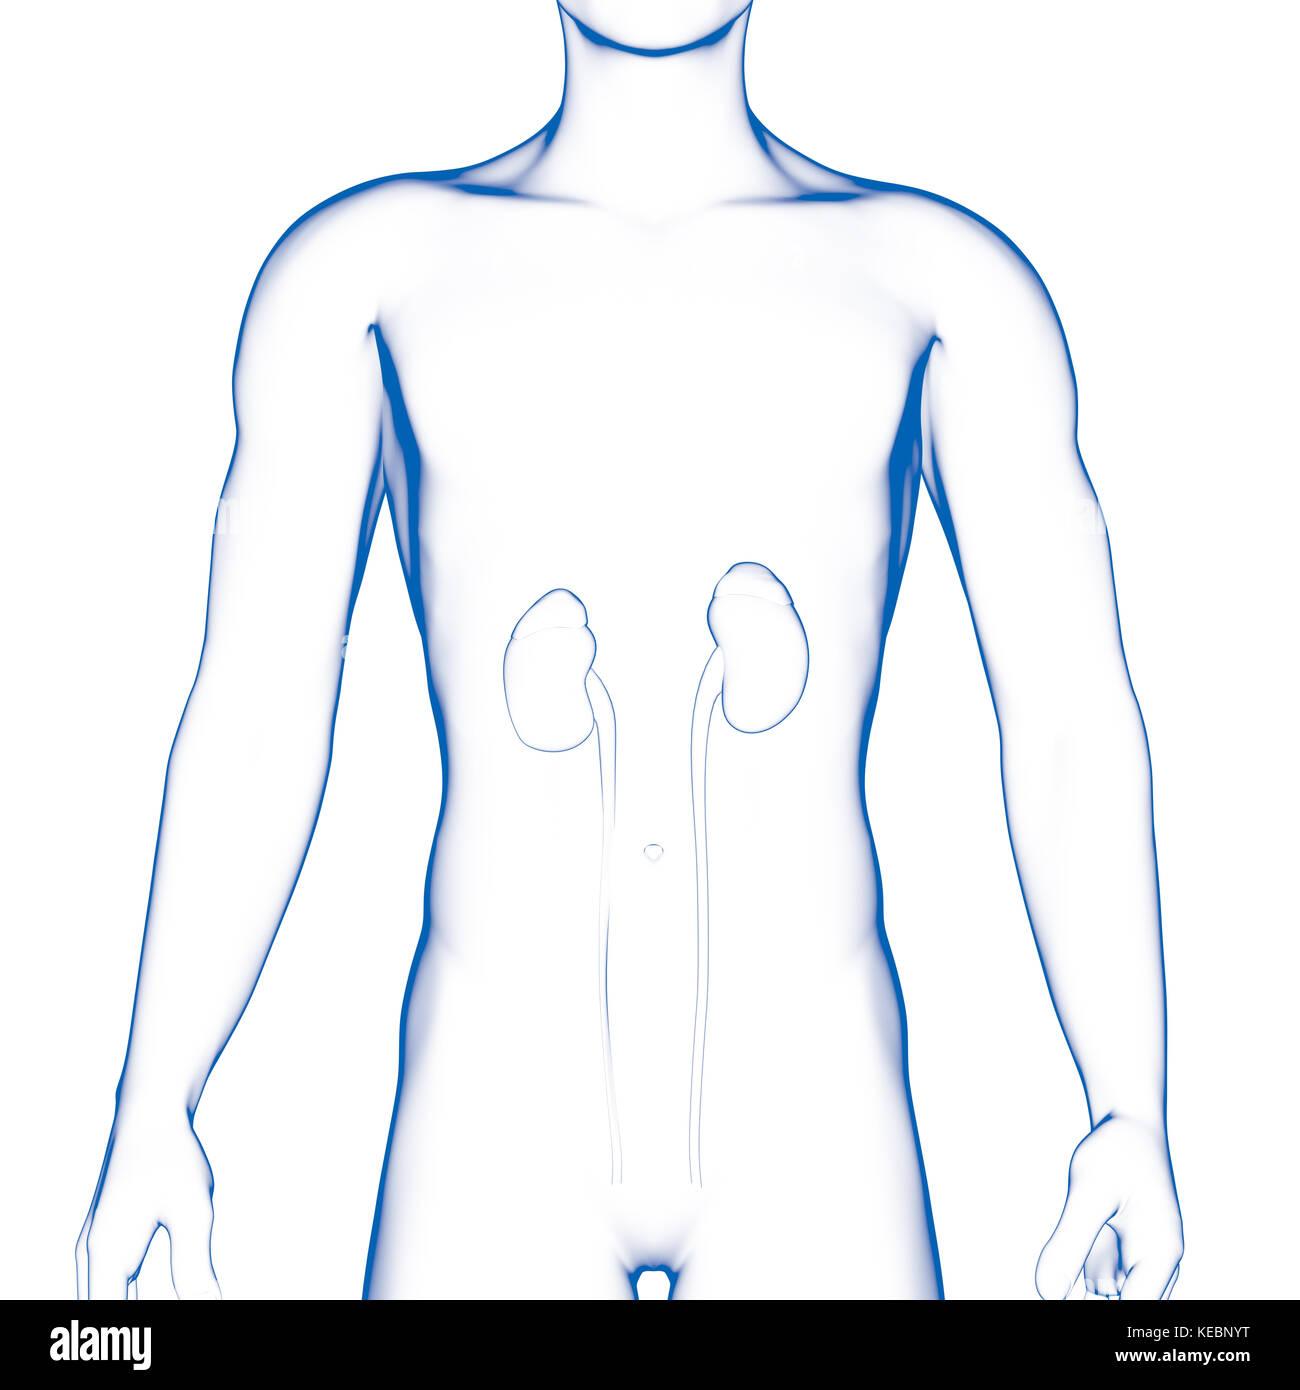 Encantador órganos Internos Anatomía Humana Hembra Diagrama Modelo ...